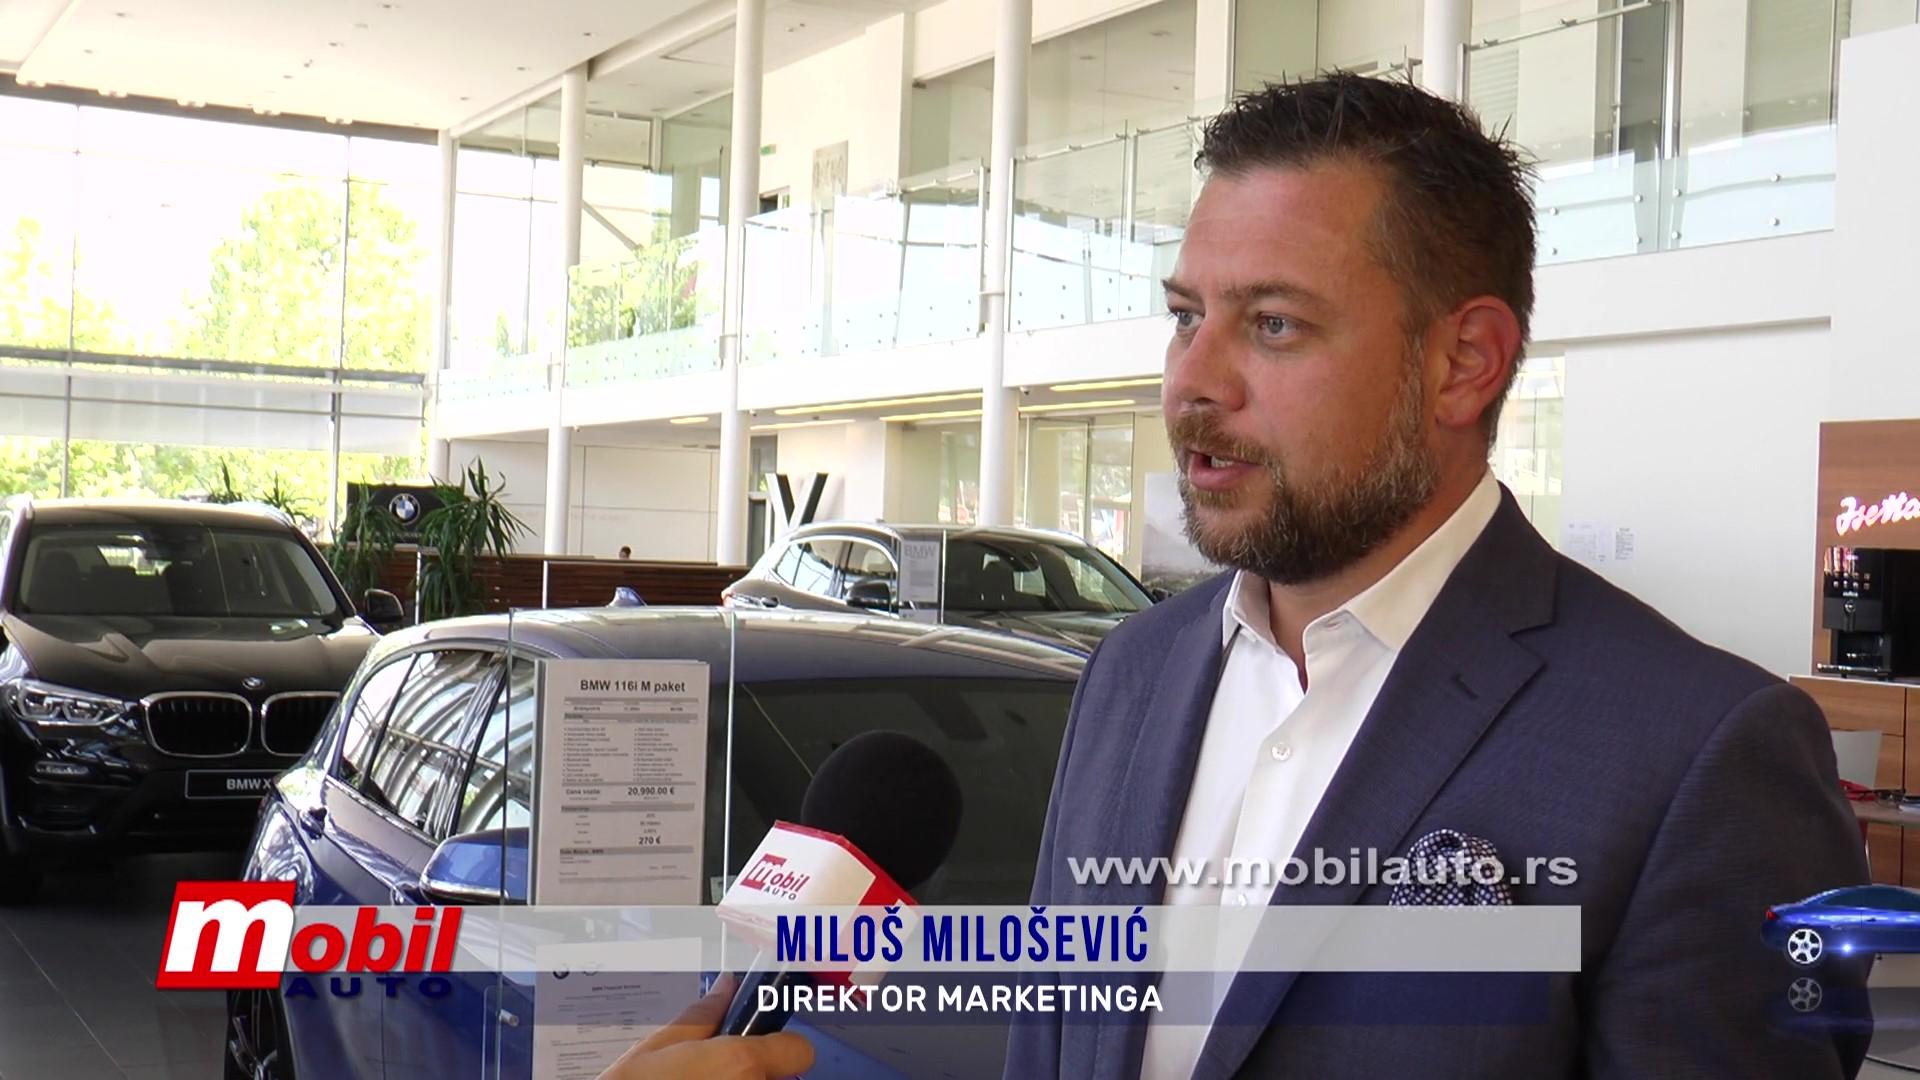 MOBIL AUTO TV – BMW AKCIJSKA PONUDA I LETNJI PIT STOP SERVIS ZA 2.49O DINARA